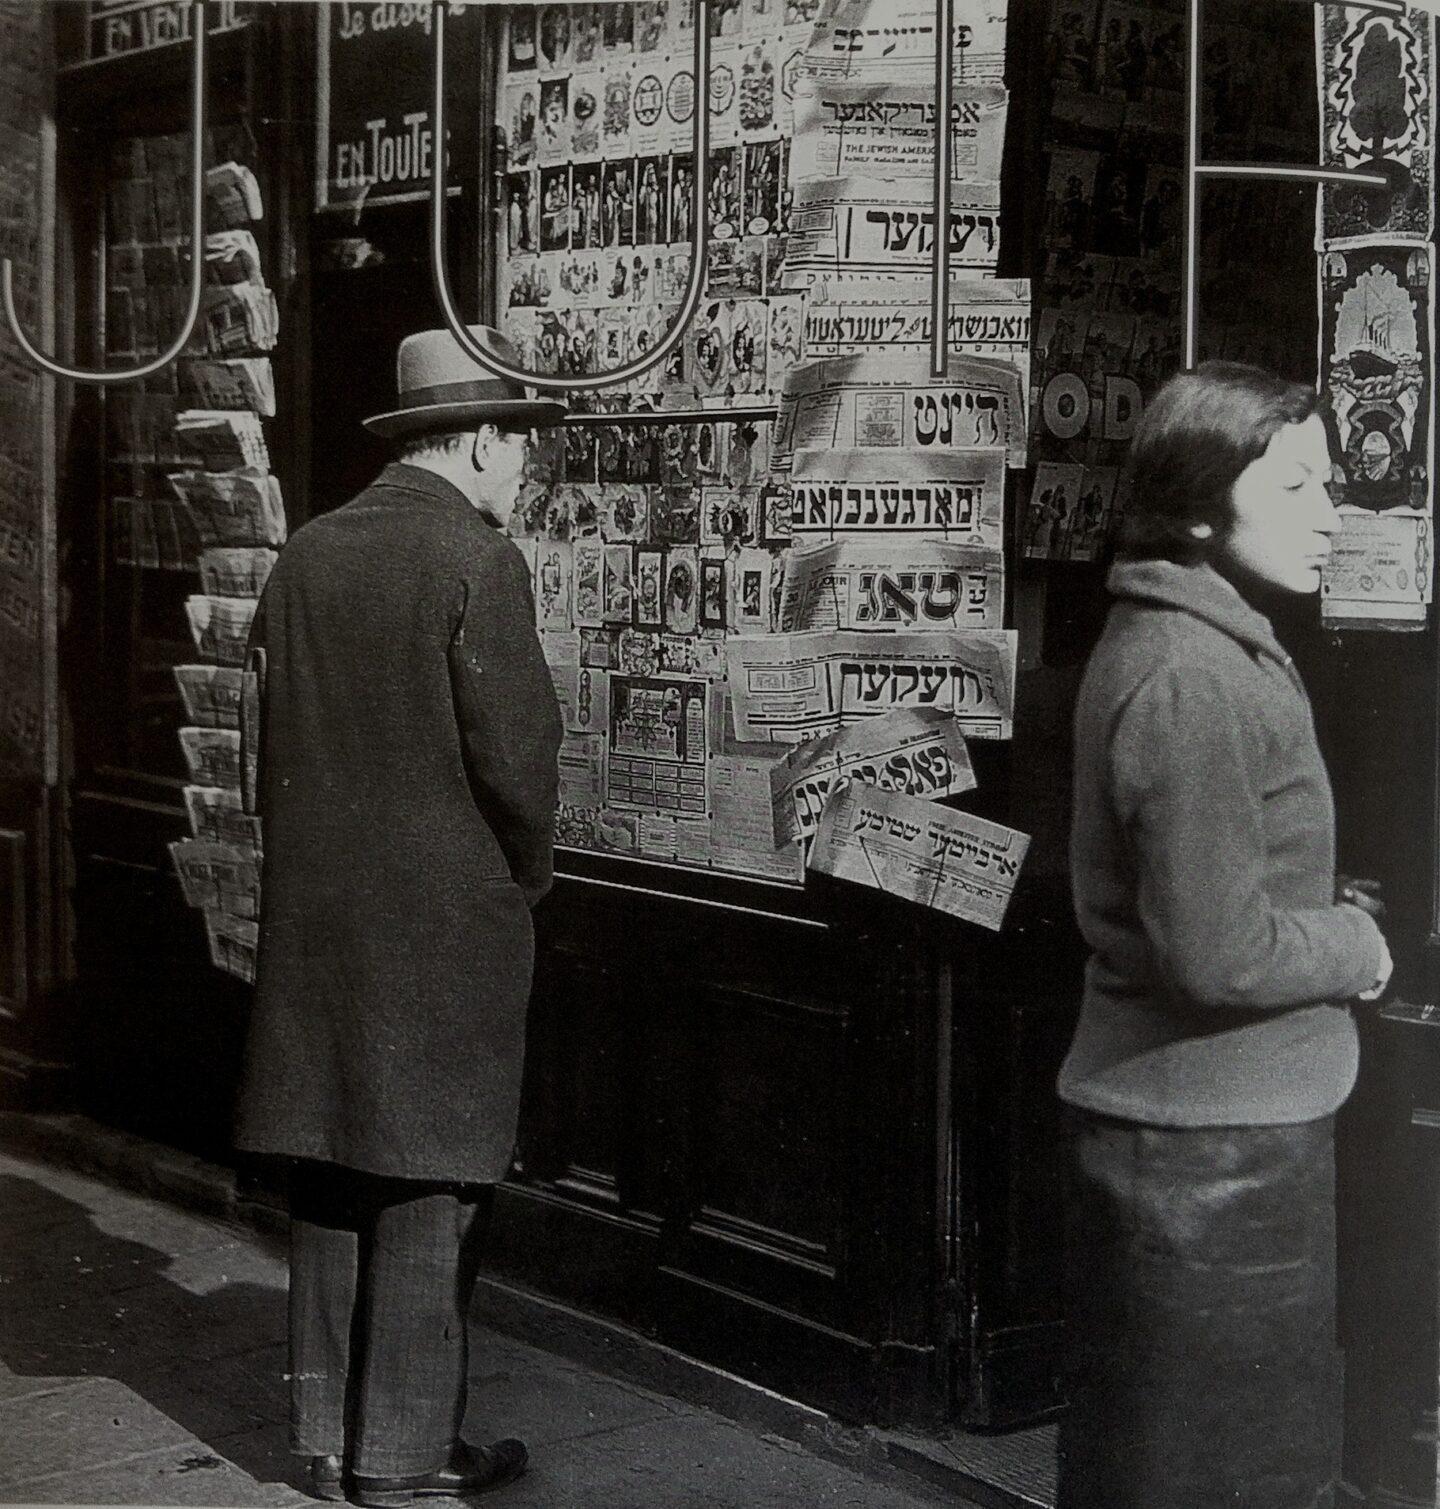 """<p>From <span class=""""push-double""""></span><span class=""""pull-double"""">""""</span>Presse et mémoire: France des étrangers, France des libertés"""" (Exhibition catalog, Génériques, <span class=""""numbers"""">1990</span>)</p>"""